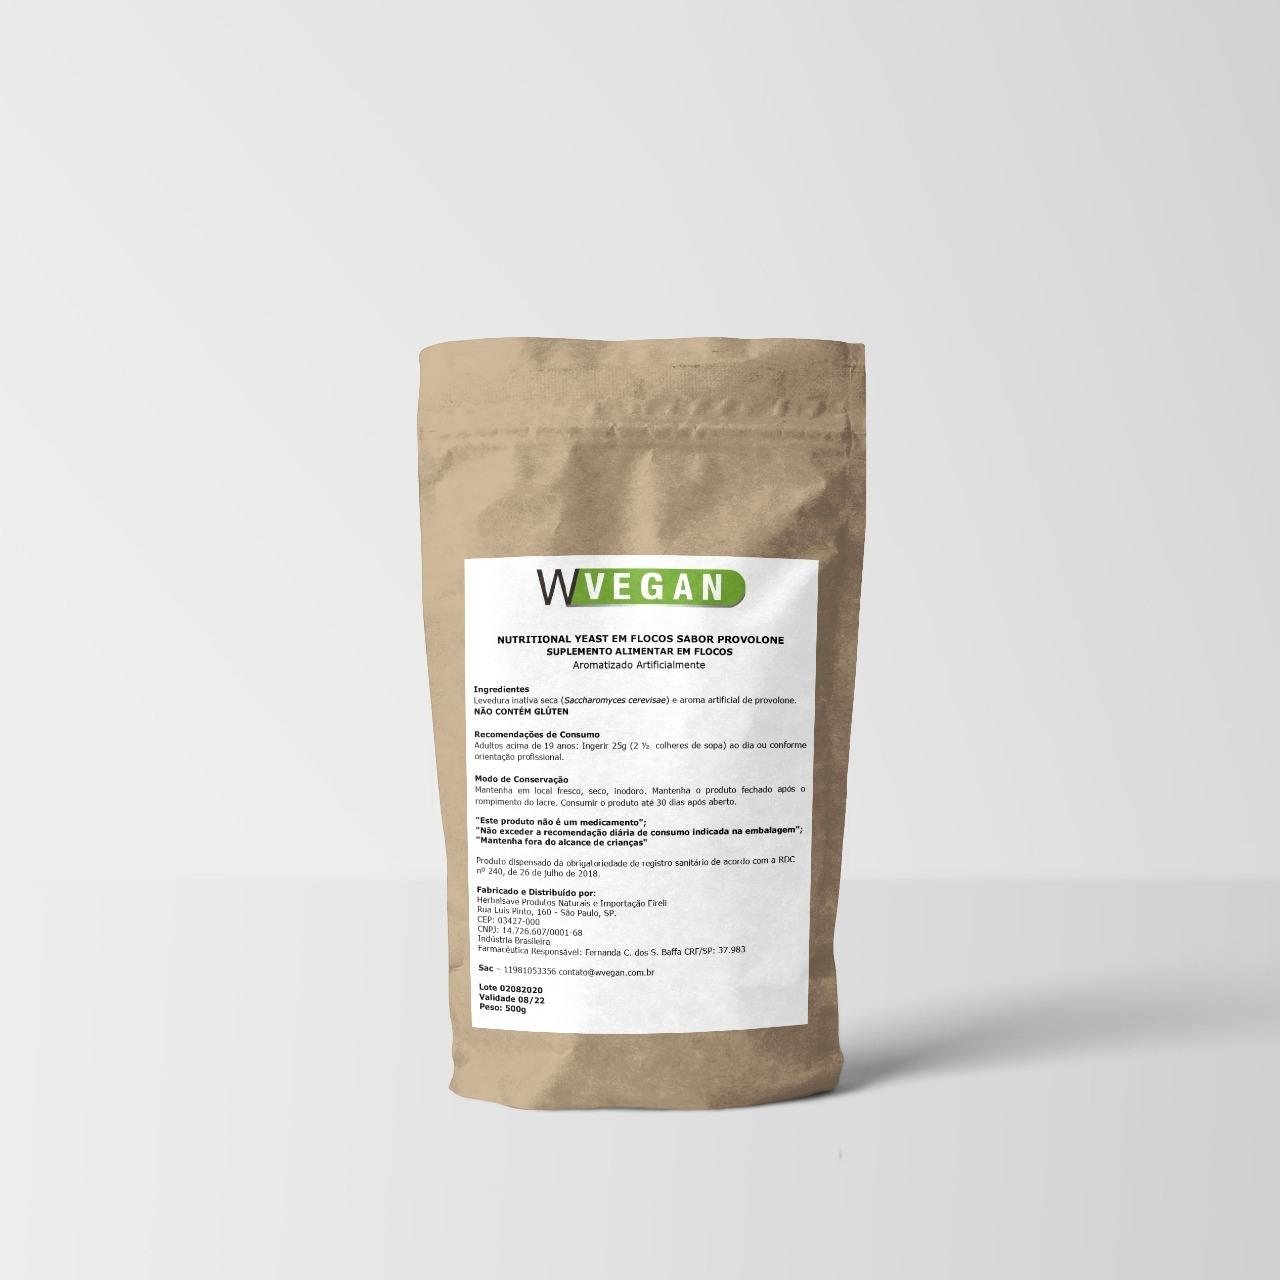 Nutritional Yeast Levedura em Flocos 500g ER WVegan - Provolone